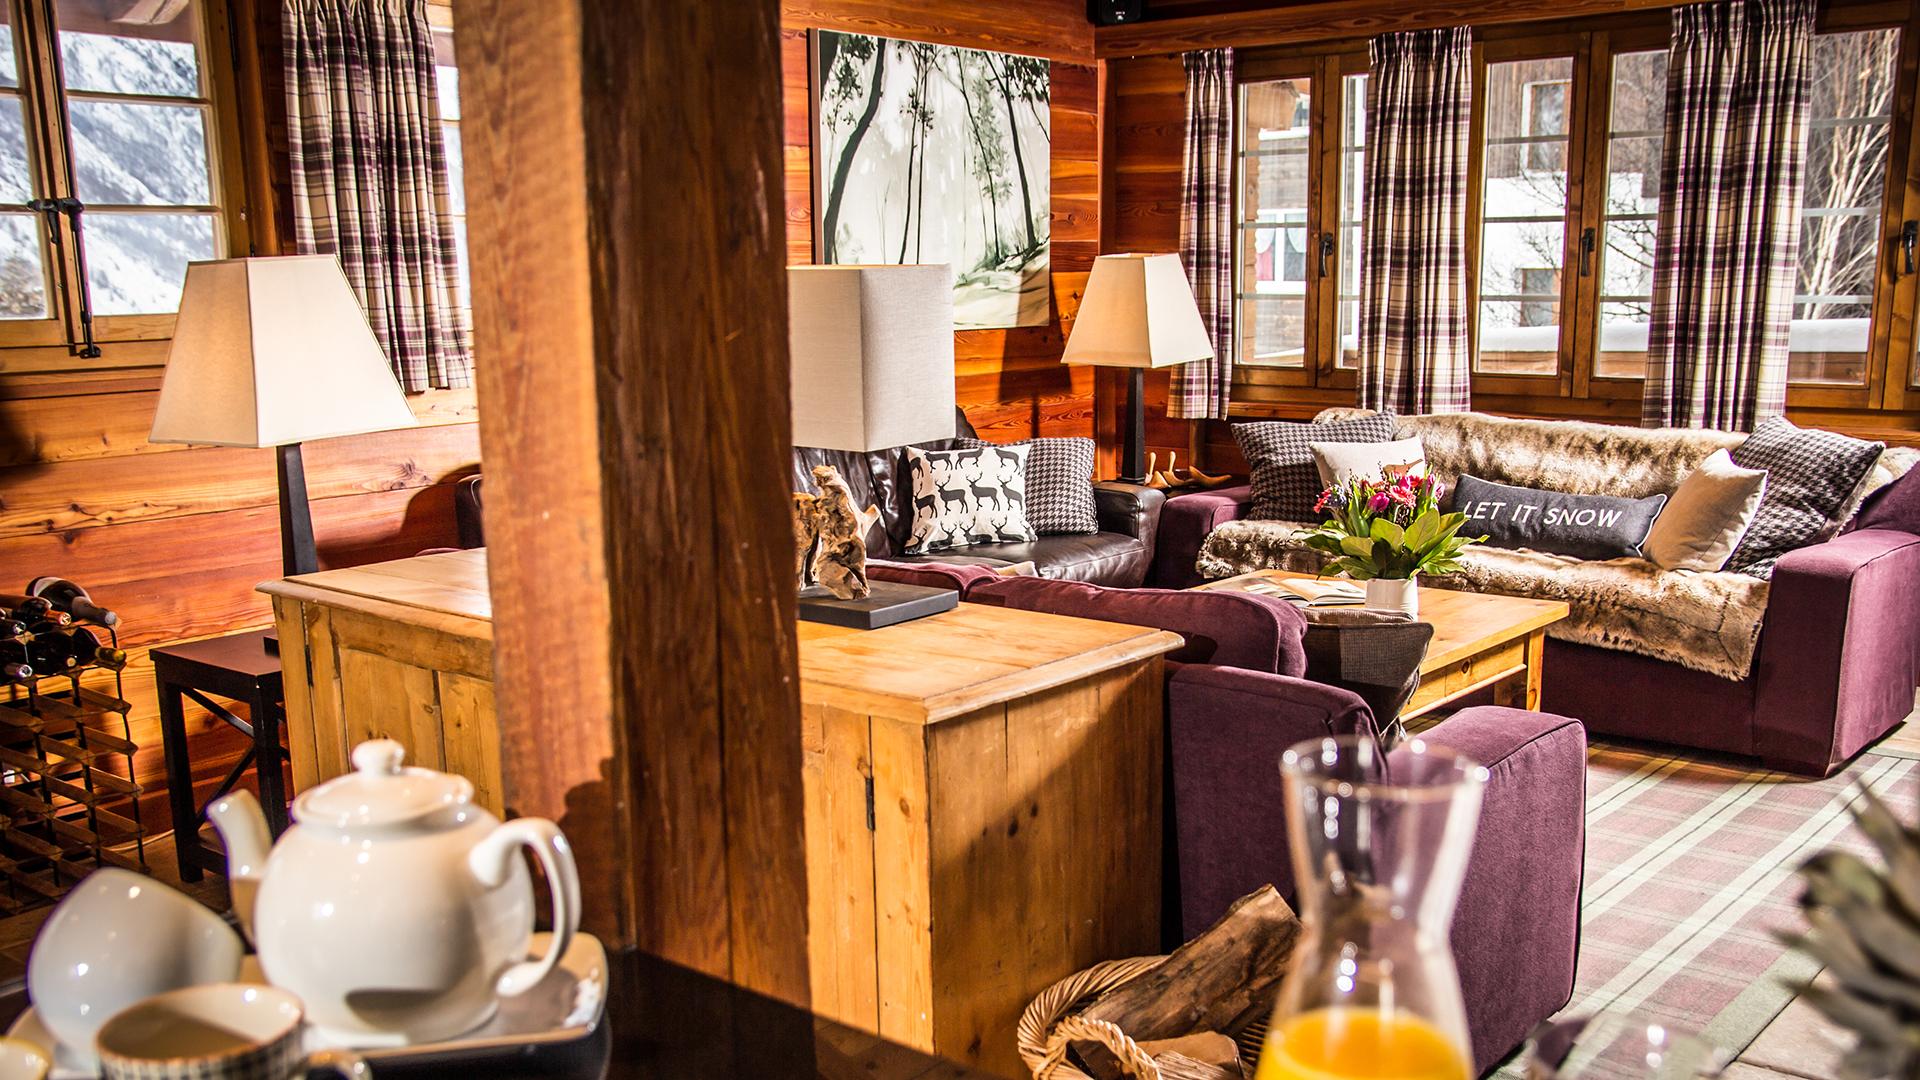 Chalet Feekatz Chalet, Switzerland